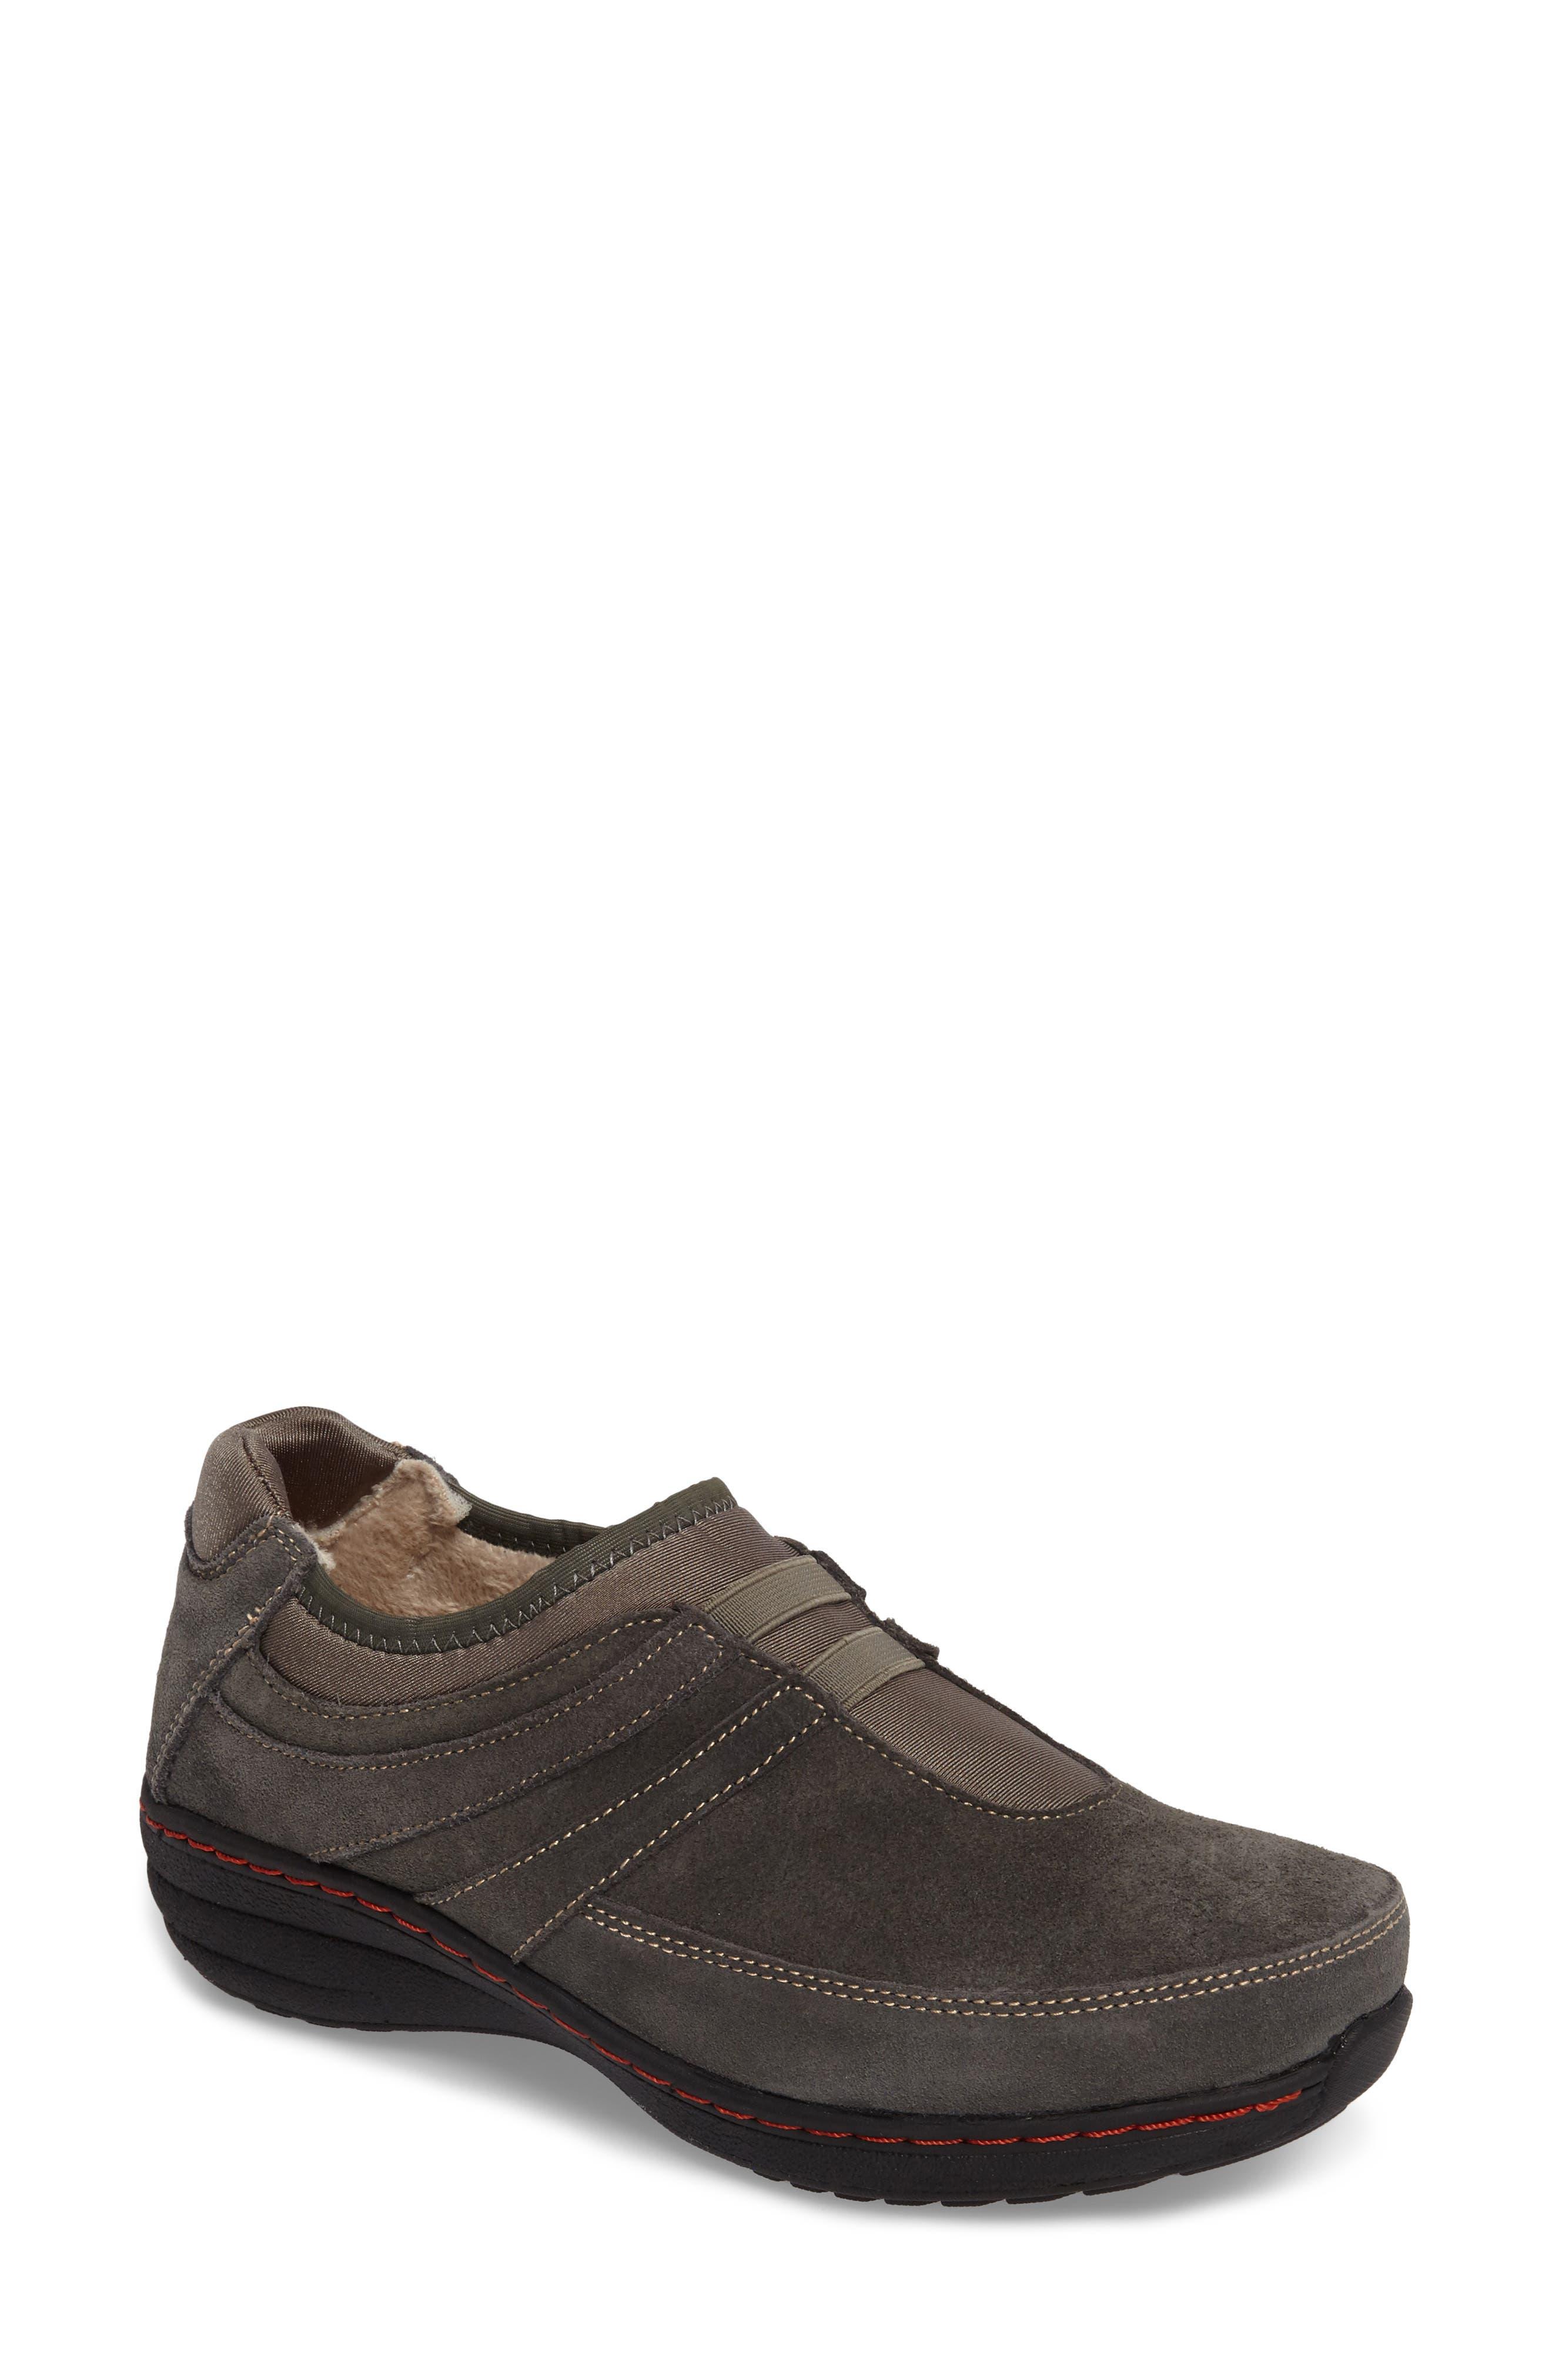 Alternate Image 1 Selected - Aetrex Berries Slip-On Sneaker (Women)